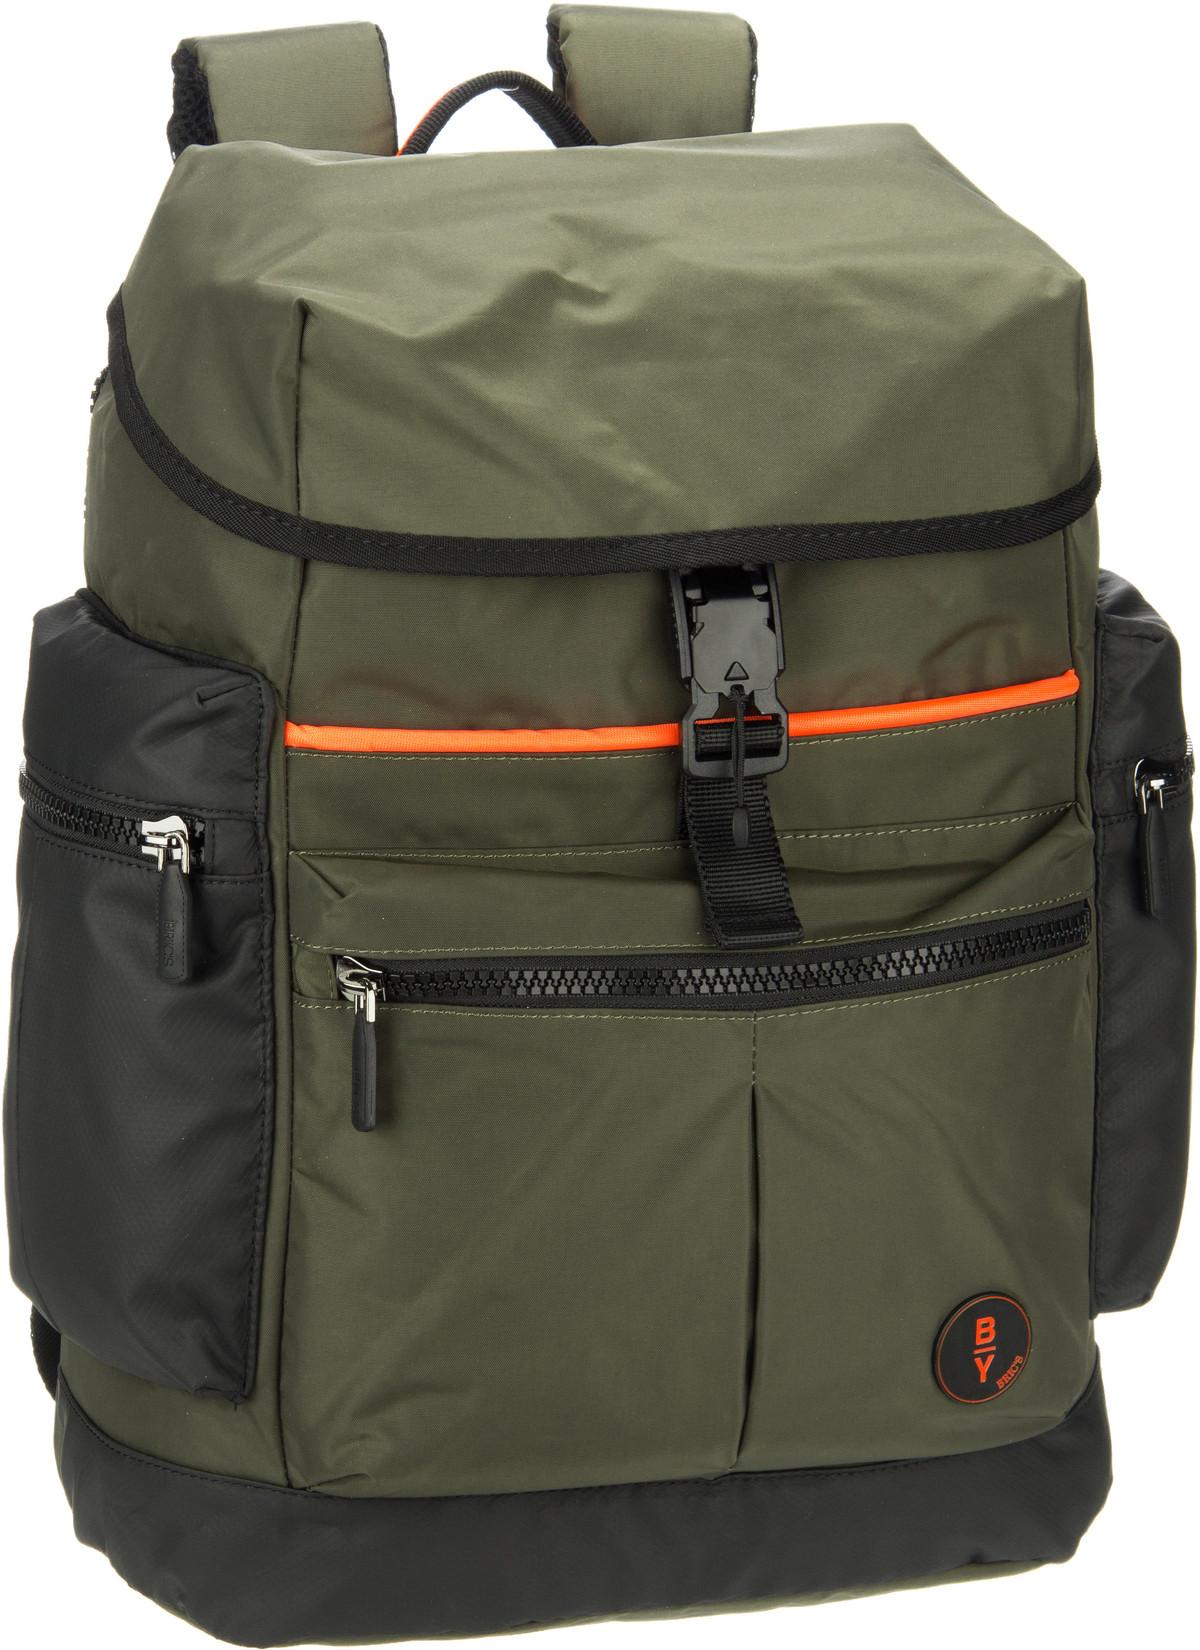 's Rucksack / Daypack Eolo 4495 Oliva